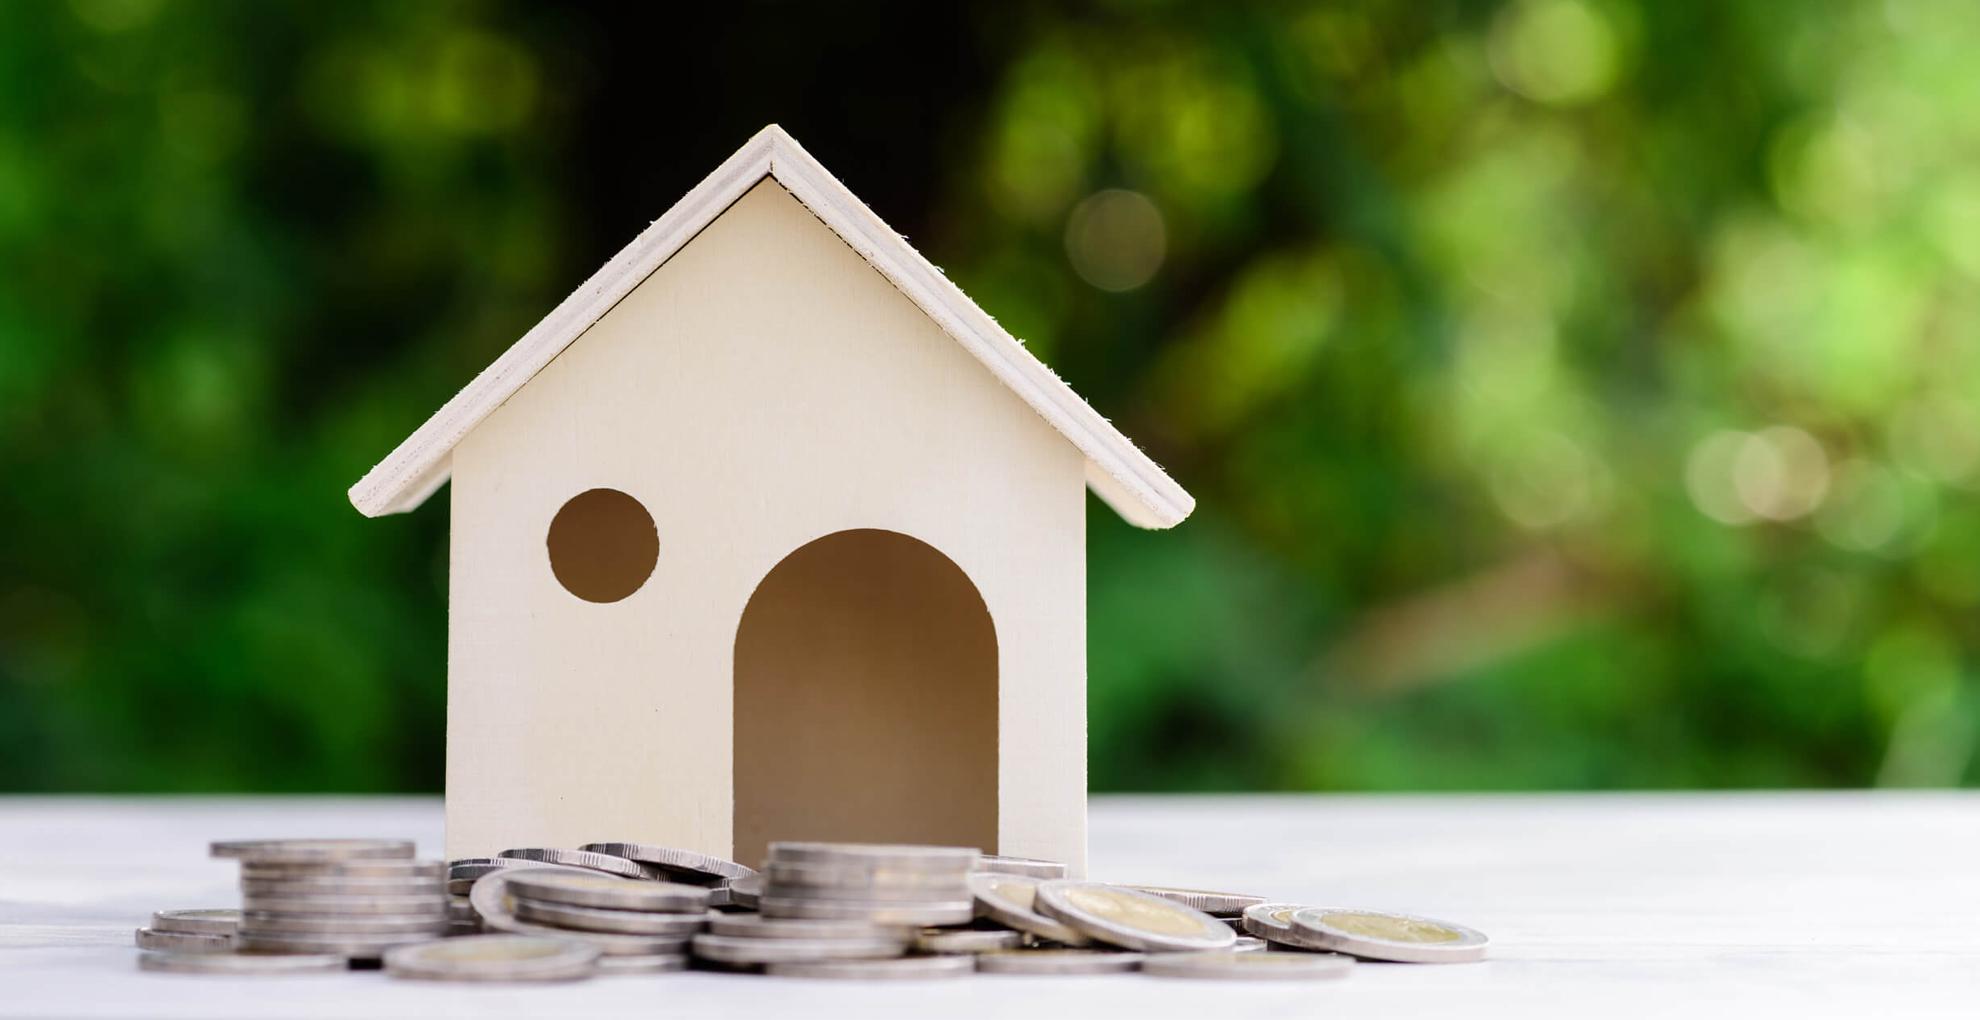 Agevolazioni fiscali per l acquisto della prima casa fino - Agevolazioni acquisto prima casa 2017 ...